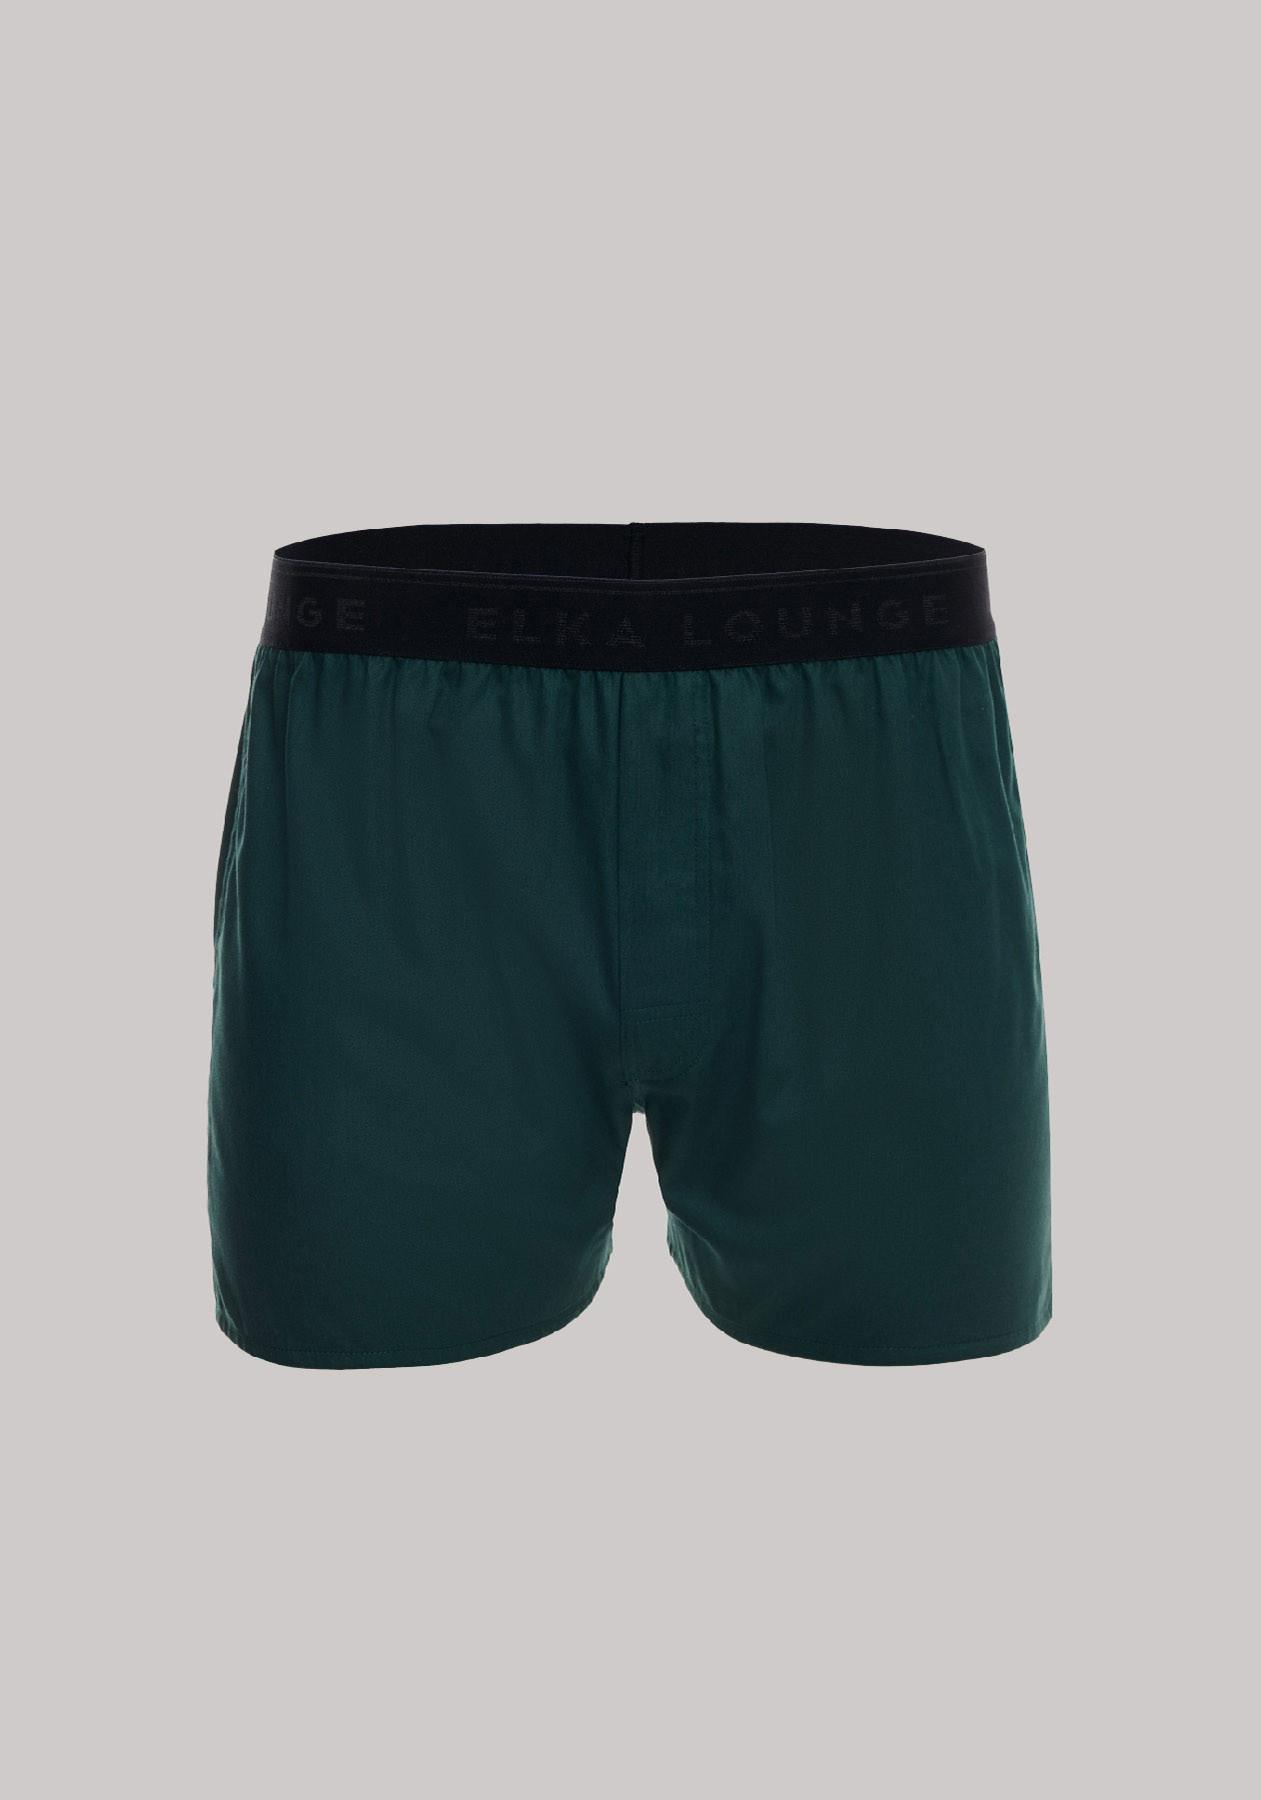 Men-boxershorts-ELKA-Lounge-M00523-02